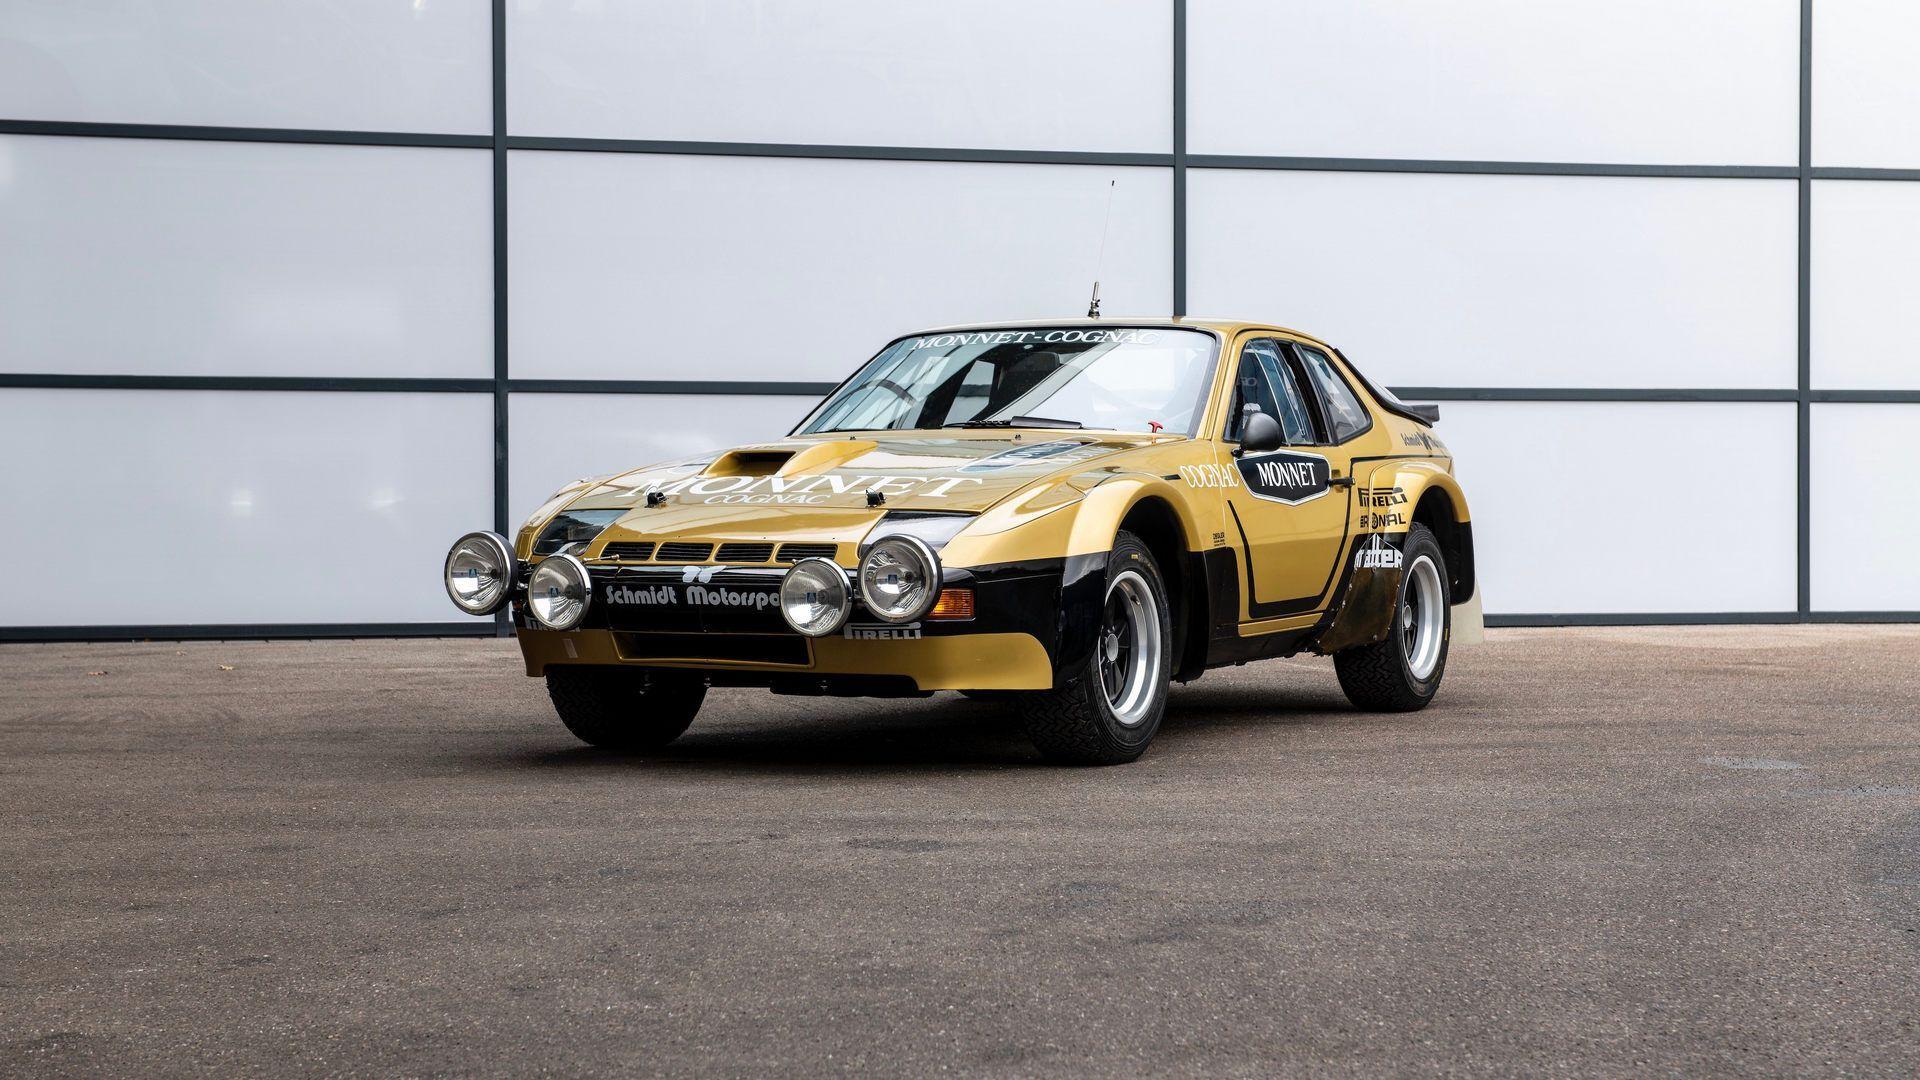 У процесі реставрації автомобіль отримав своє історичне забарвлення